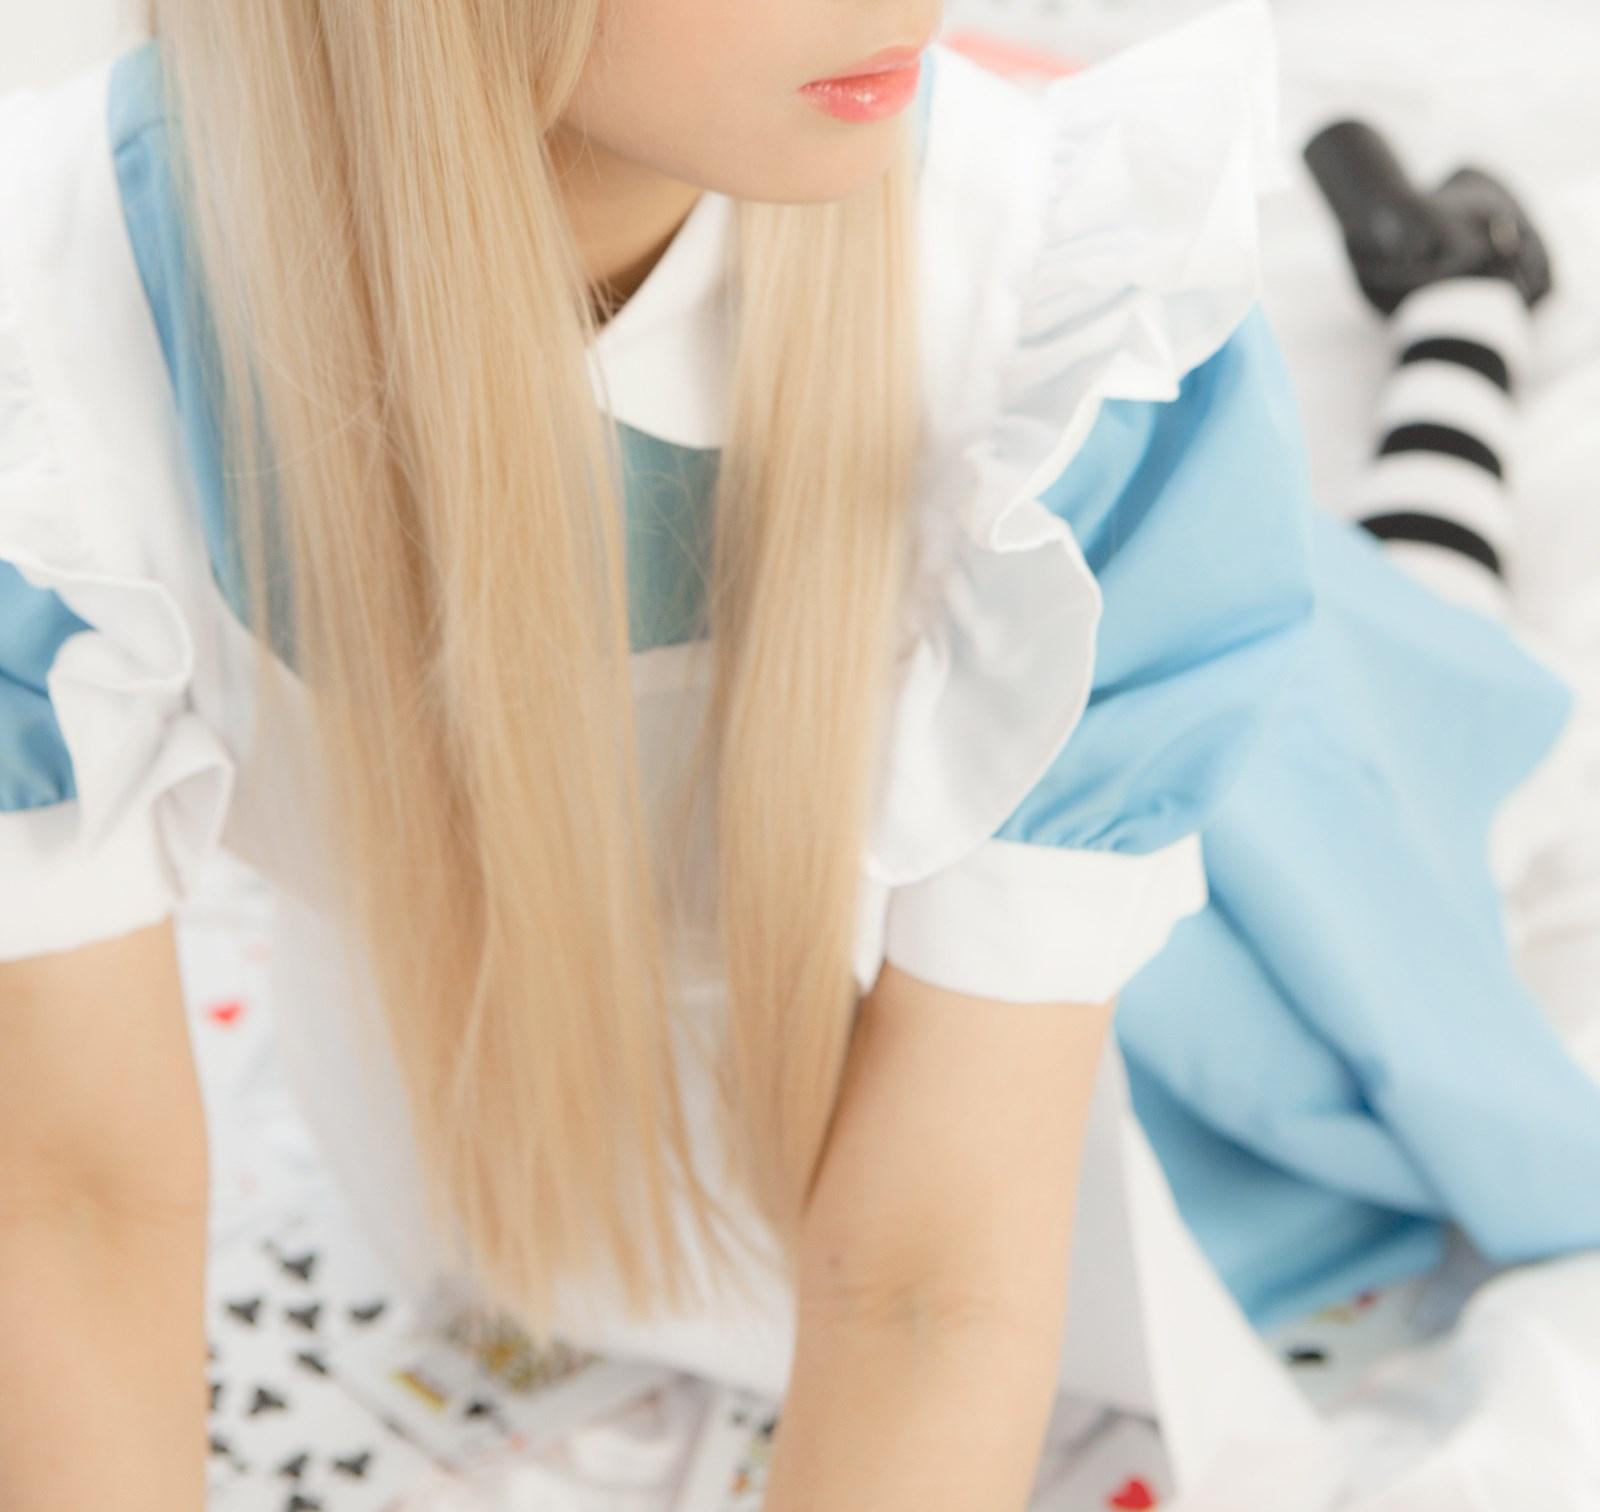 【兔玩映画】爱丽丝少女 兔玩映画 第31张